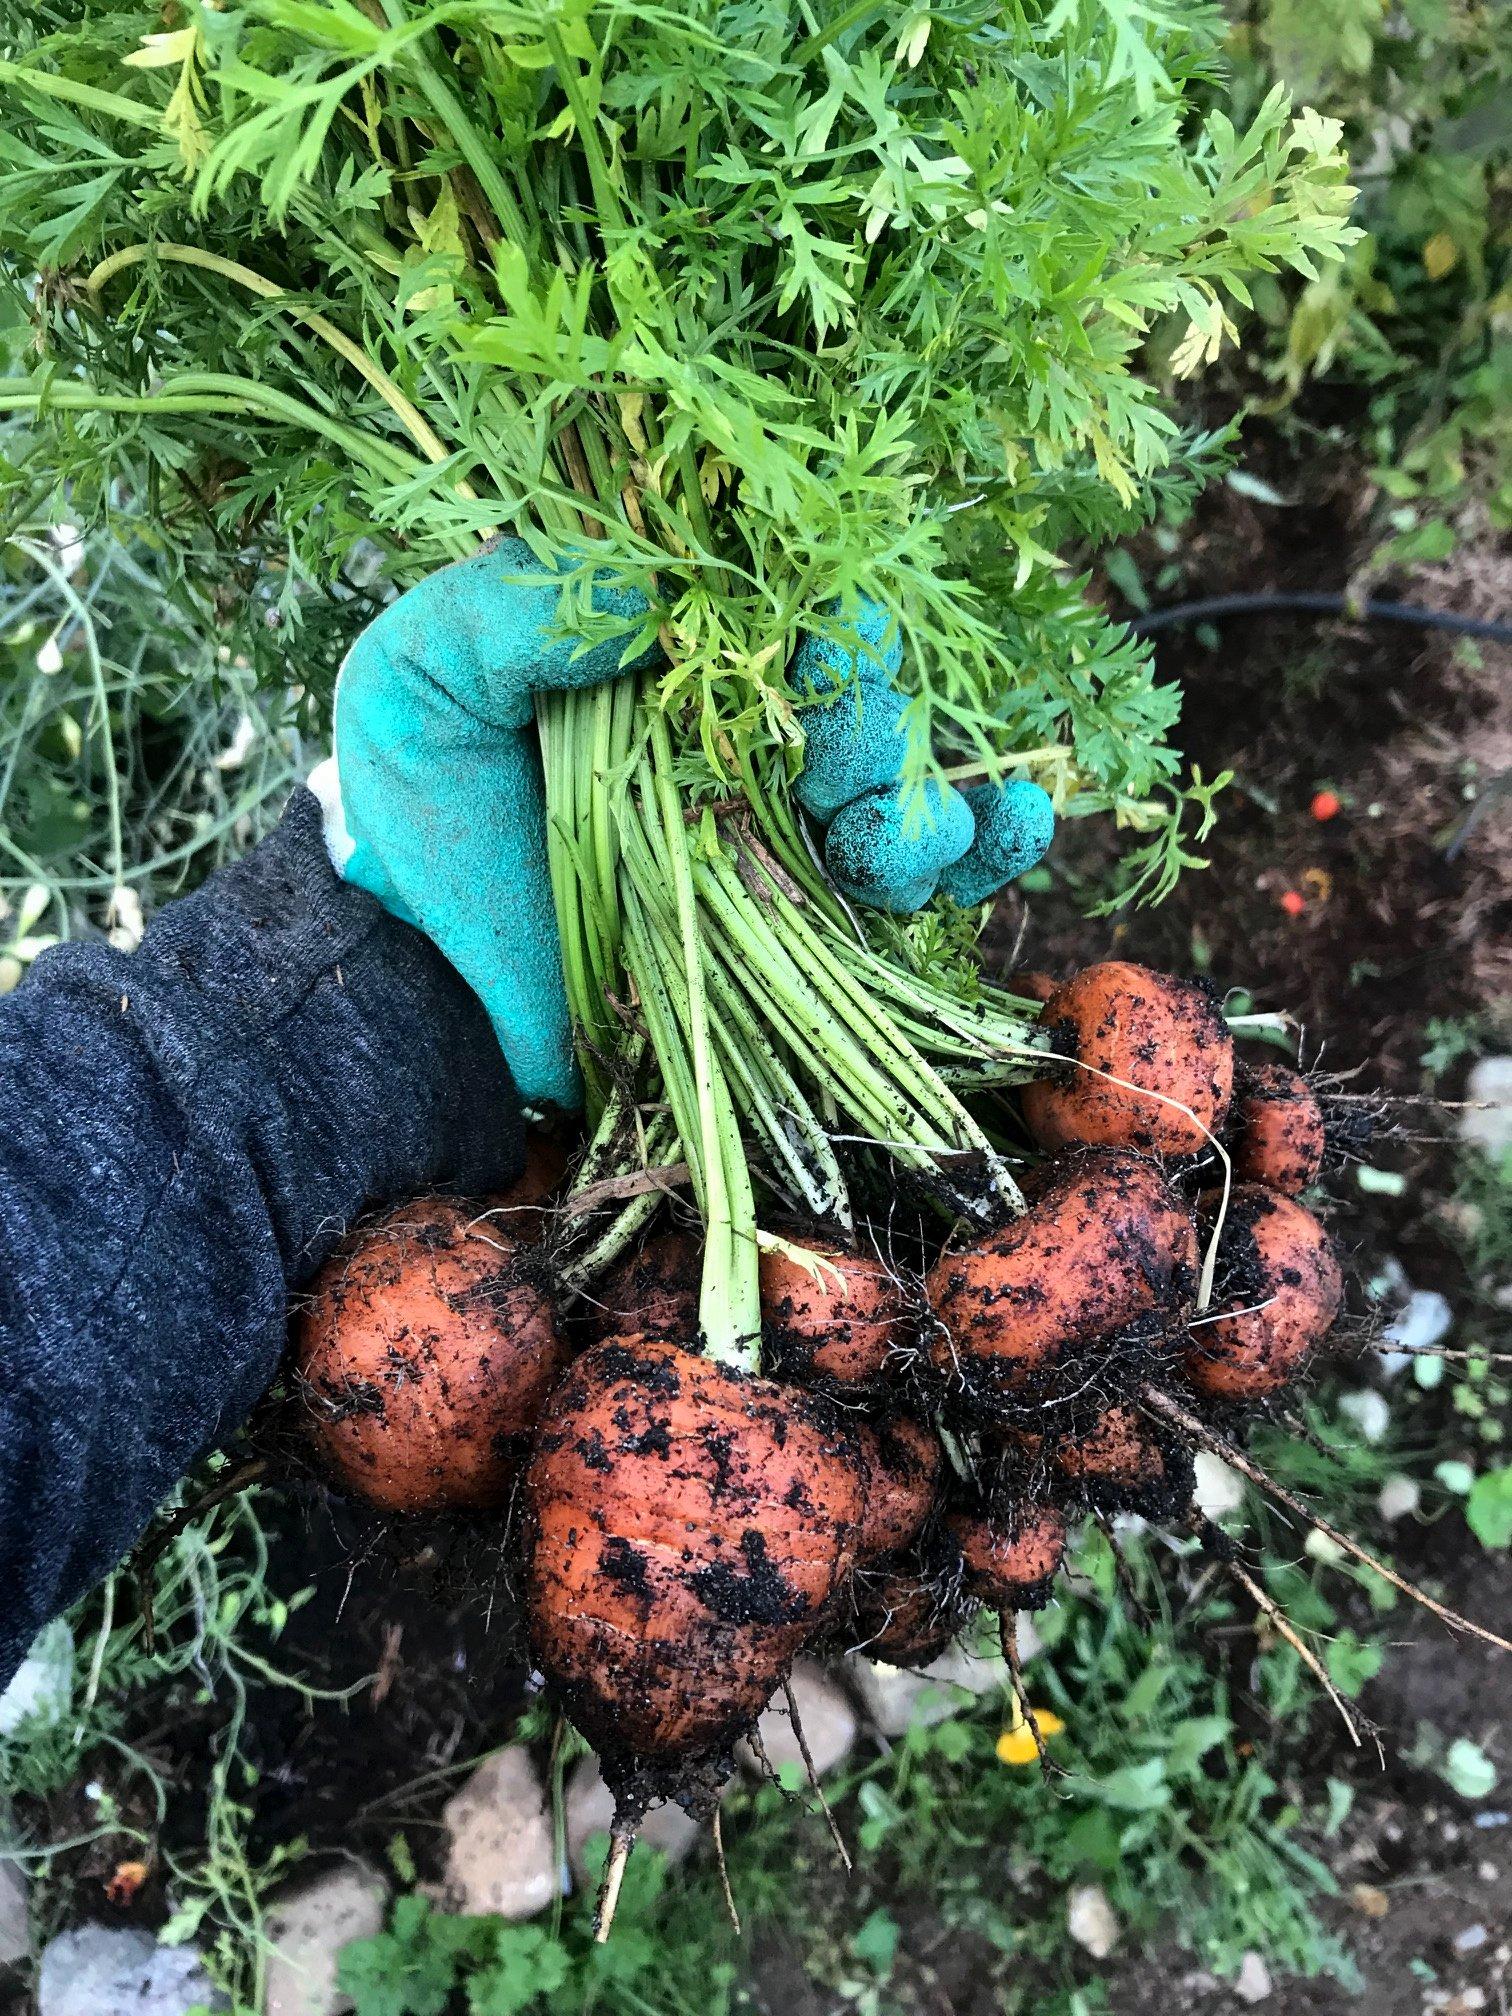 How to Grow An Heirloom Vegetable Garden | How to Grow Heirloom Vegetables At Home | Heirloom Gardening | Organic Gardening | Heirloom Carrots | Paris Market Carrots